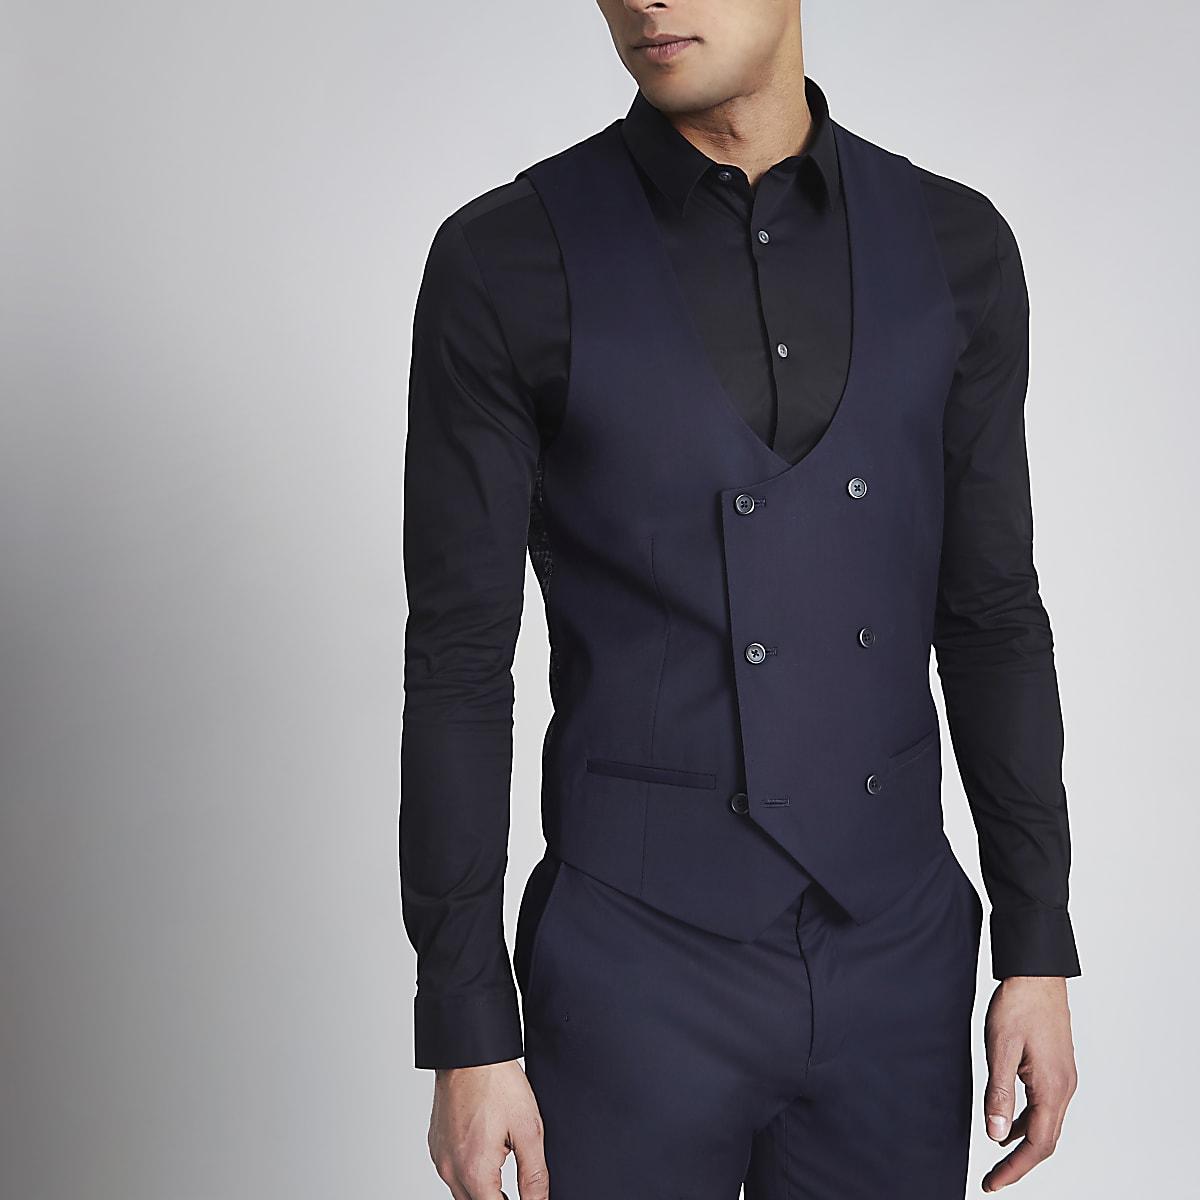 Navy double breasted tuxedo waistcoat